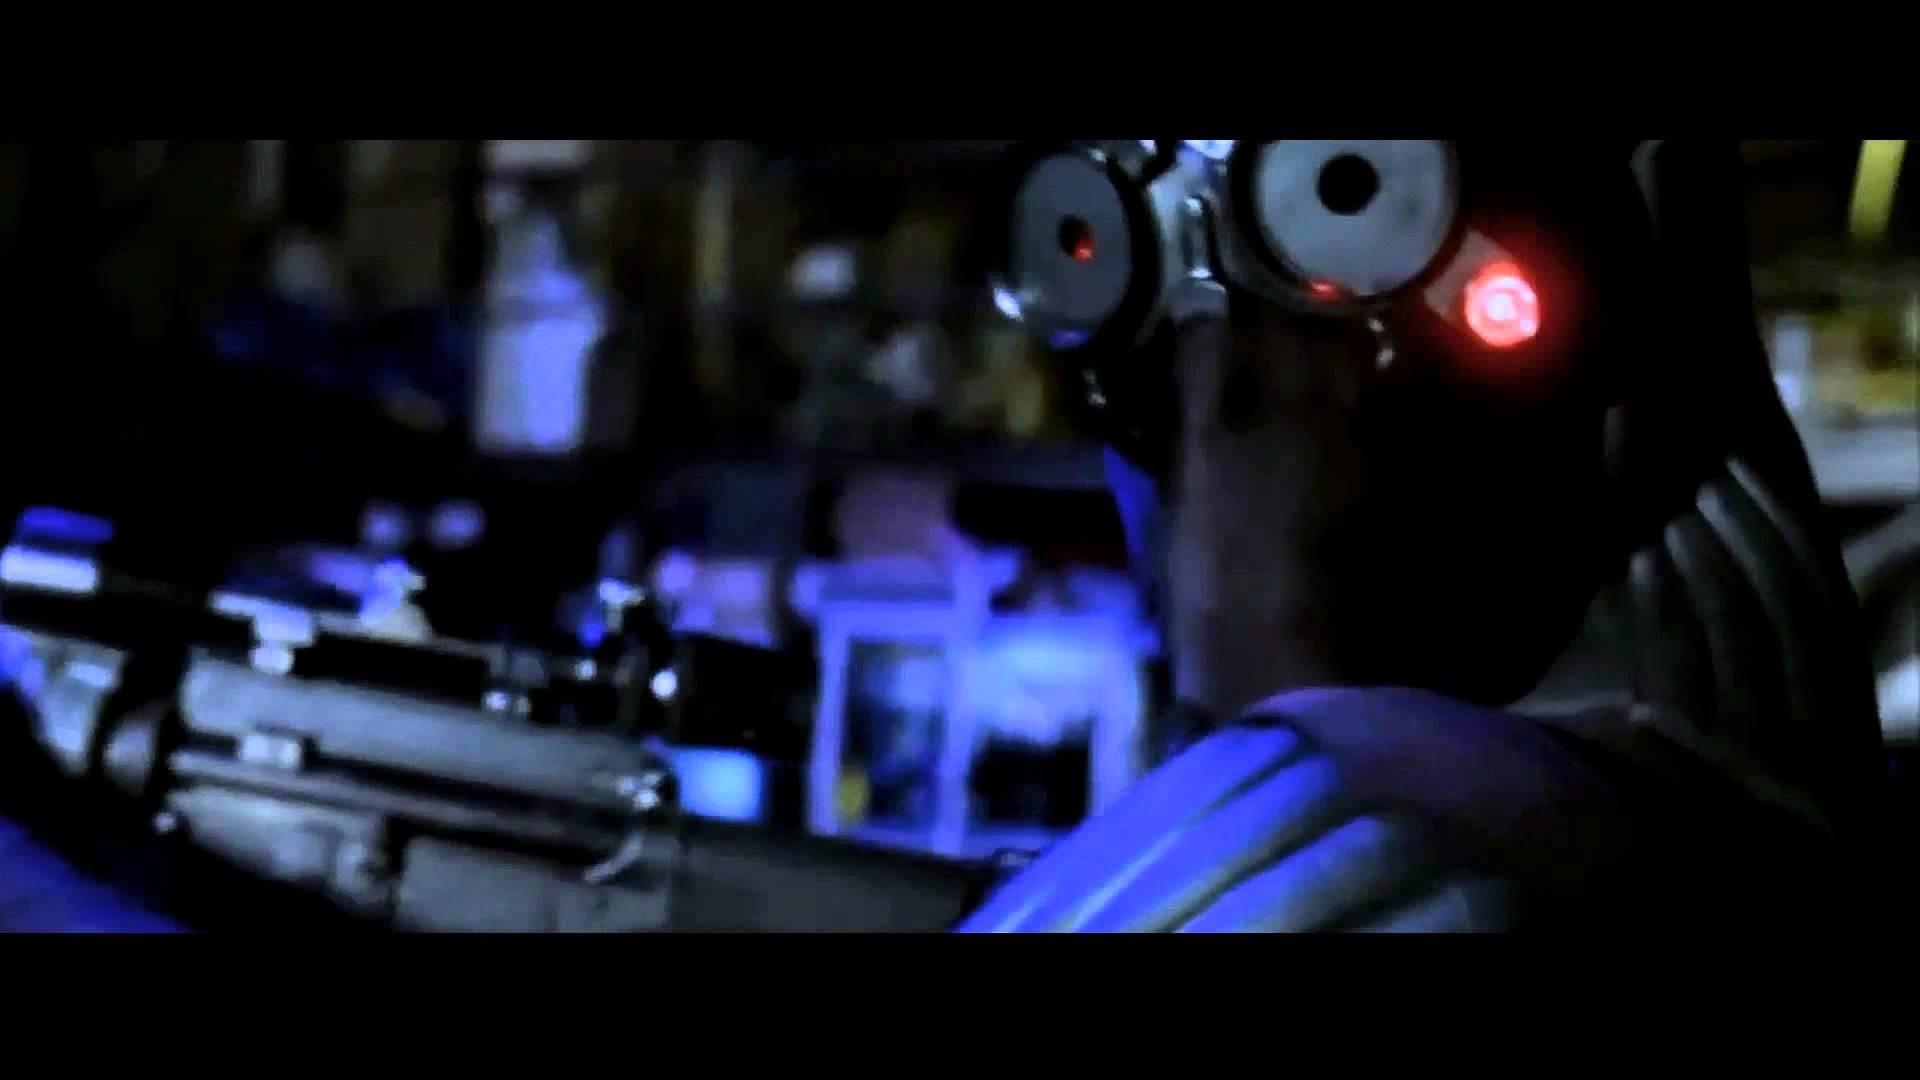 The Batman: Court of Owls – Movie Trailer (Ben Affleck)